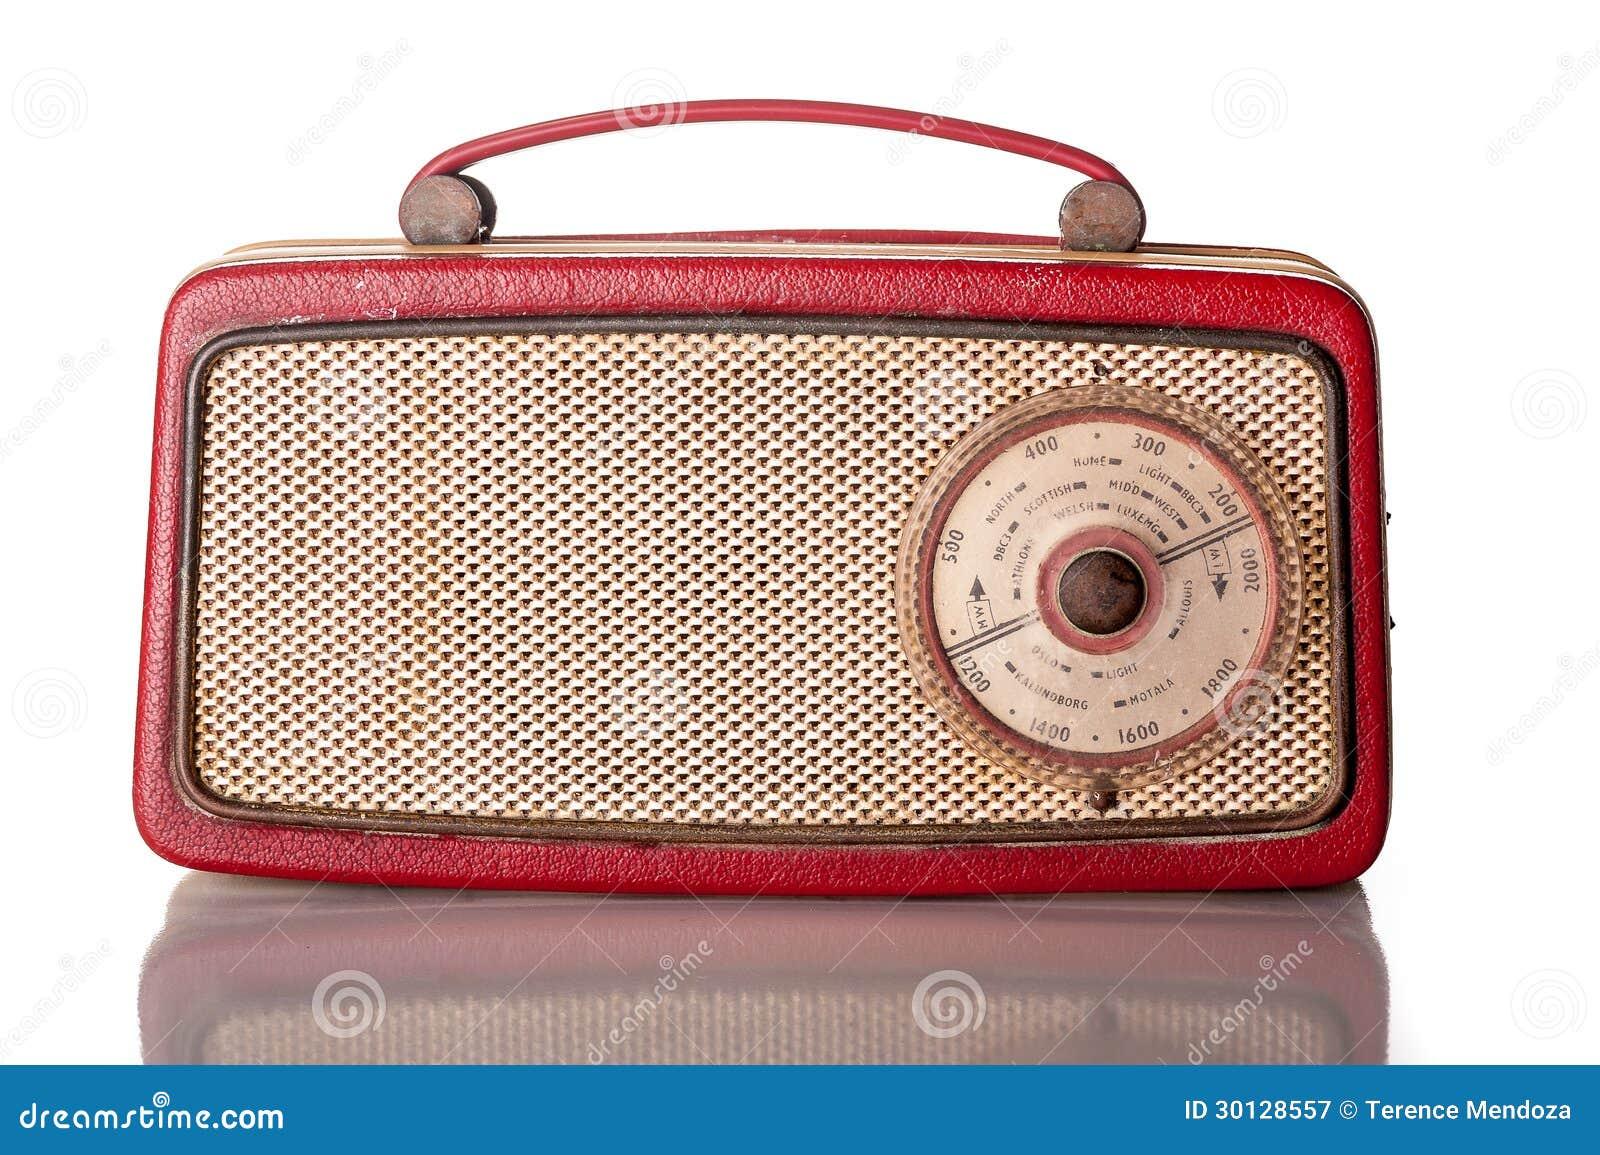 Rádio de transistor portátil vermelho dos anos sessenta